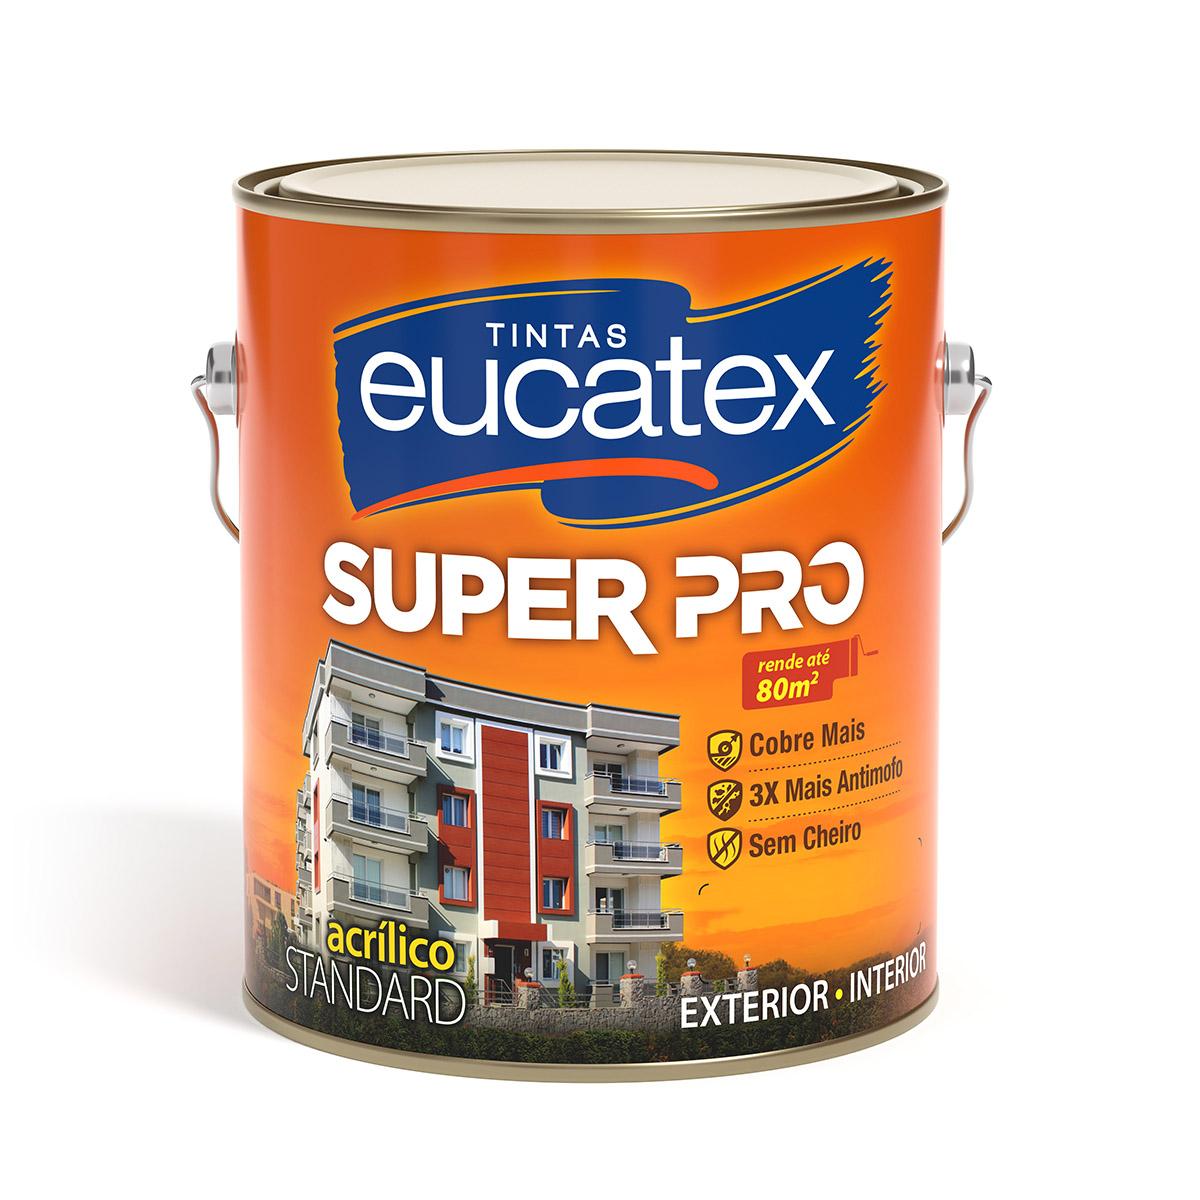 Tinta Parede Acrílico Fosco Super Pro Eucatex 3,6L